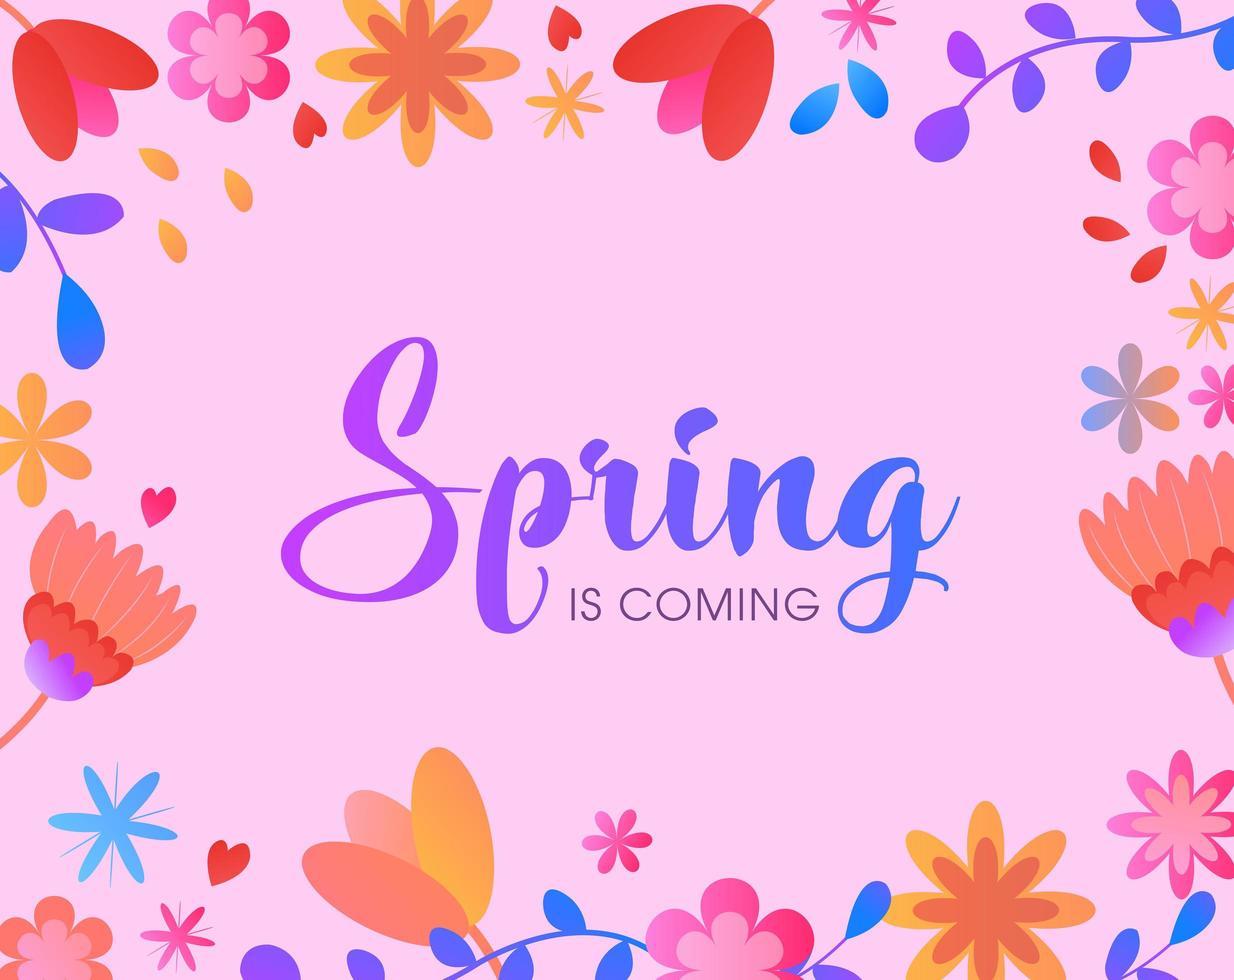 foto de conception de printemps floral avec fond rose - Telecharger ...